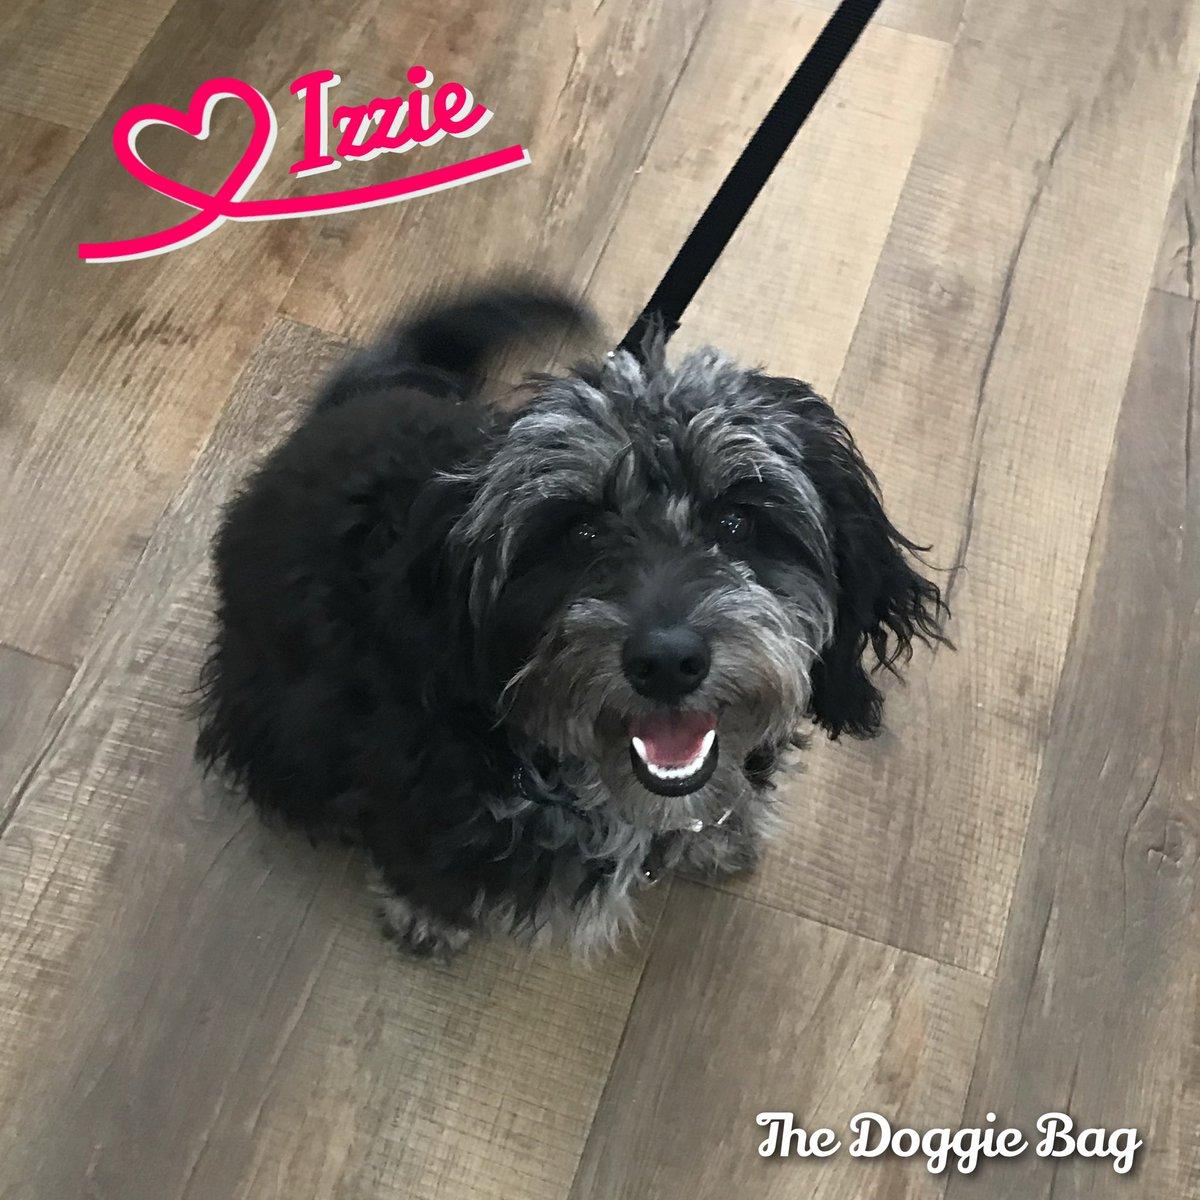 #Smiles are contagious, thank you for Sharing @izzie.theminigoldendoodle 🥰😍😘😁 @doggiebagboutique  #goldendoodle #doodle #doodles #doodlepuppy #puppylove #happydog #thedoggiebag #petboutique #happyplace #dogsoflakeland #lakelanddogs #dogmomsoflkld #lakelandflorida #lakelandfl